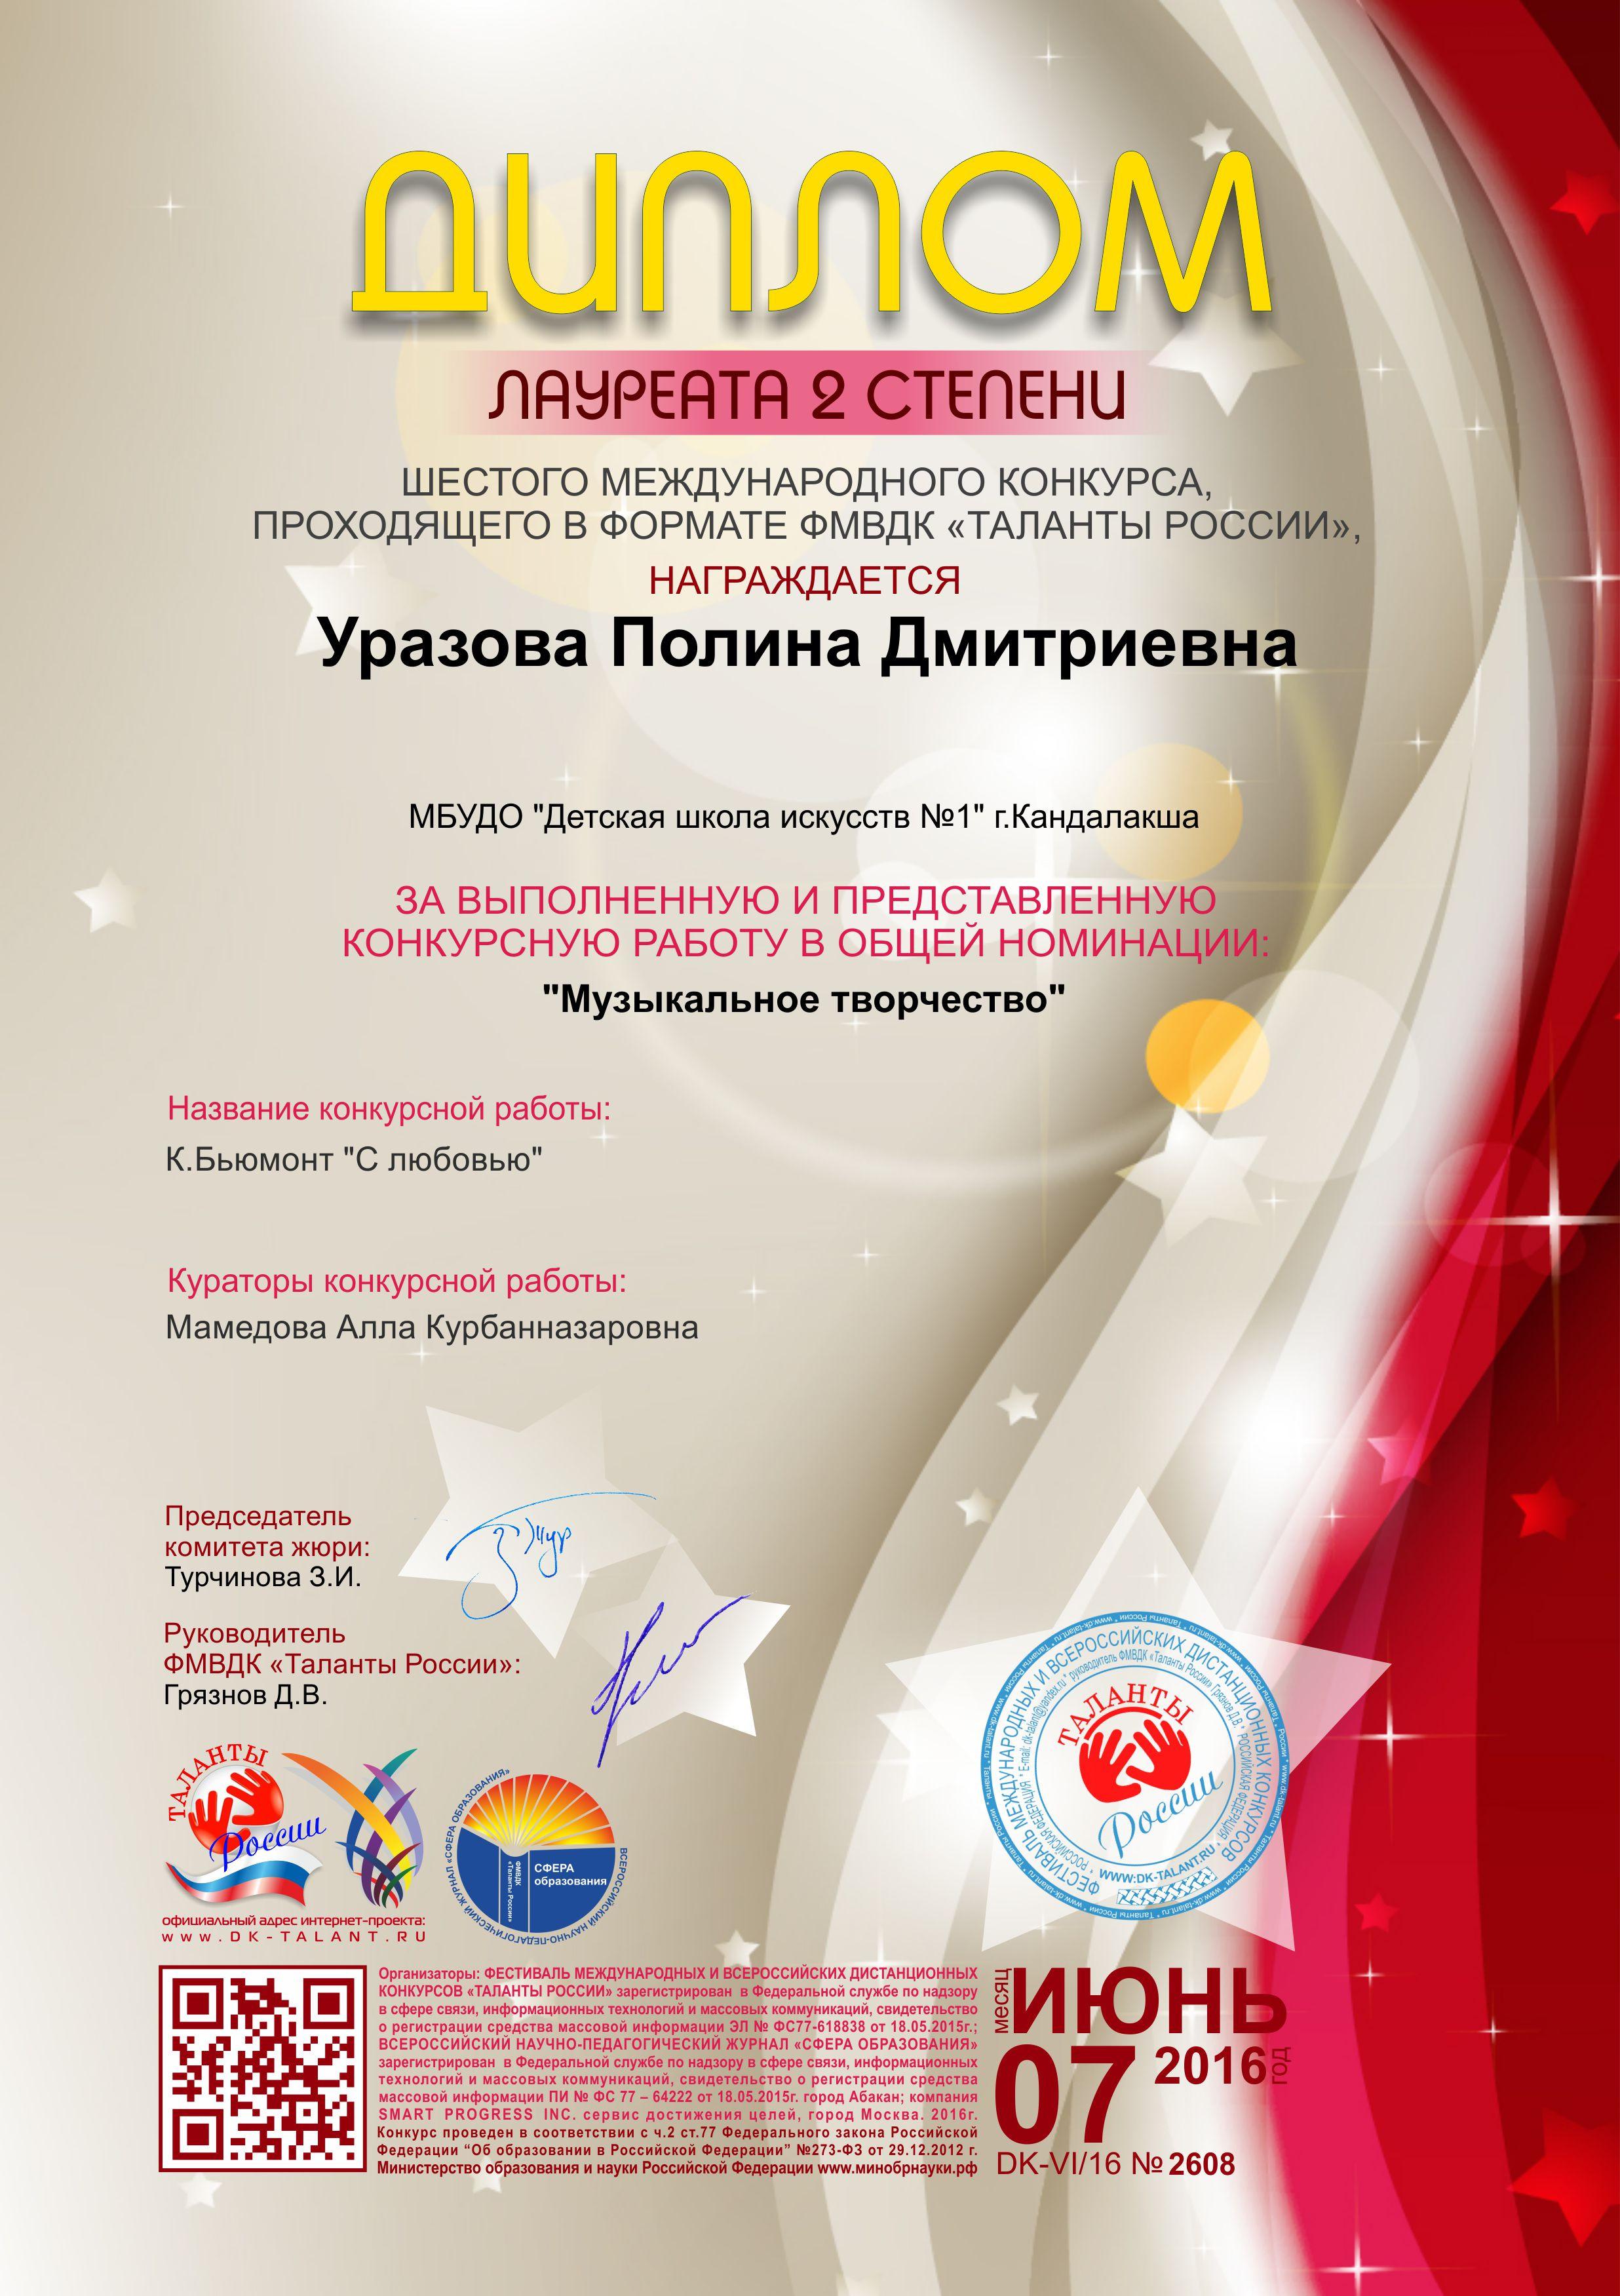 Организаторами олимпиады выступают такие крупные российские компании, как 1c и 1c-битрикс